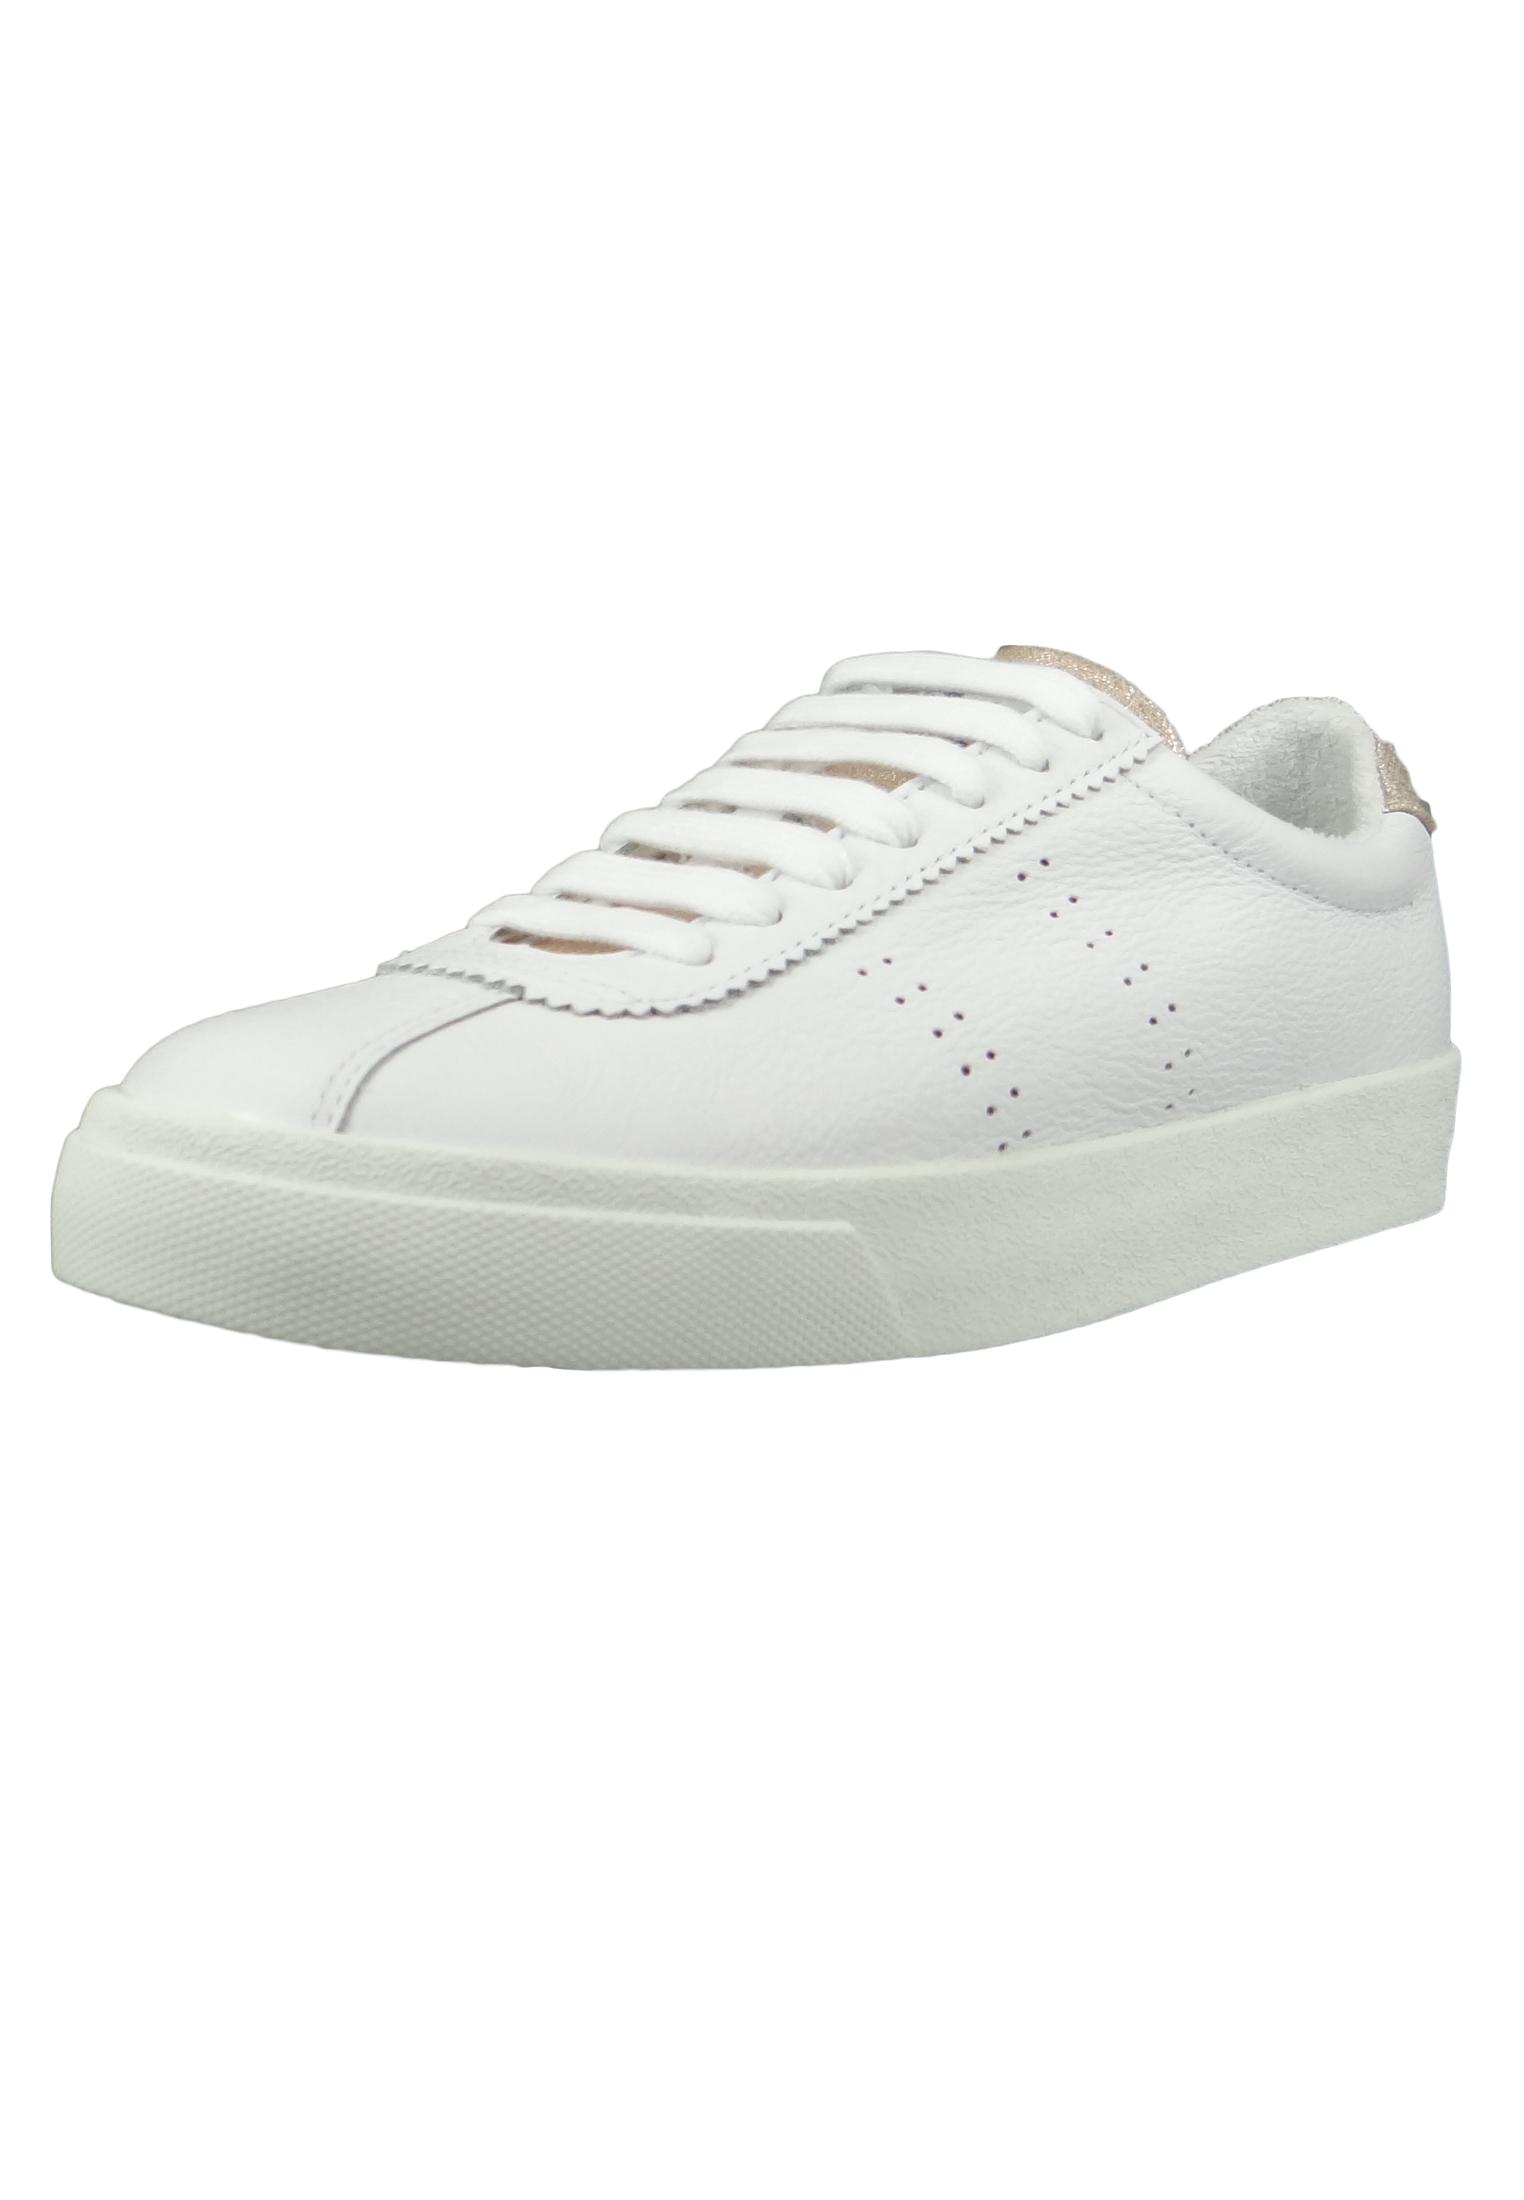 hohe Qualität erster Blick super günstig im vergleich zu Superga Schuhe Damen Sneaker S00C4F0 2843 Comflealme Leder Weiss White Rose  Platinum